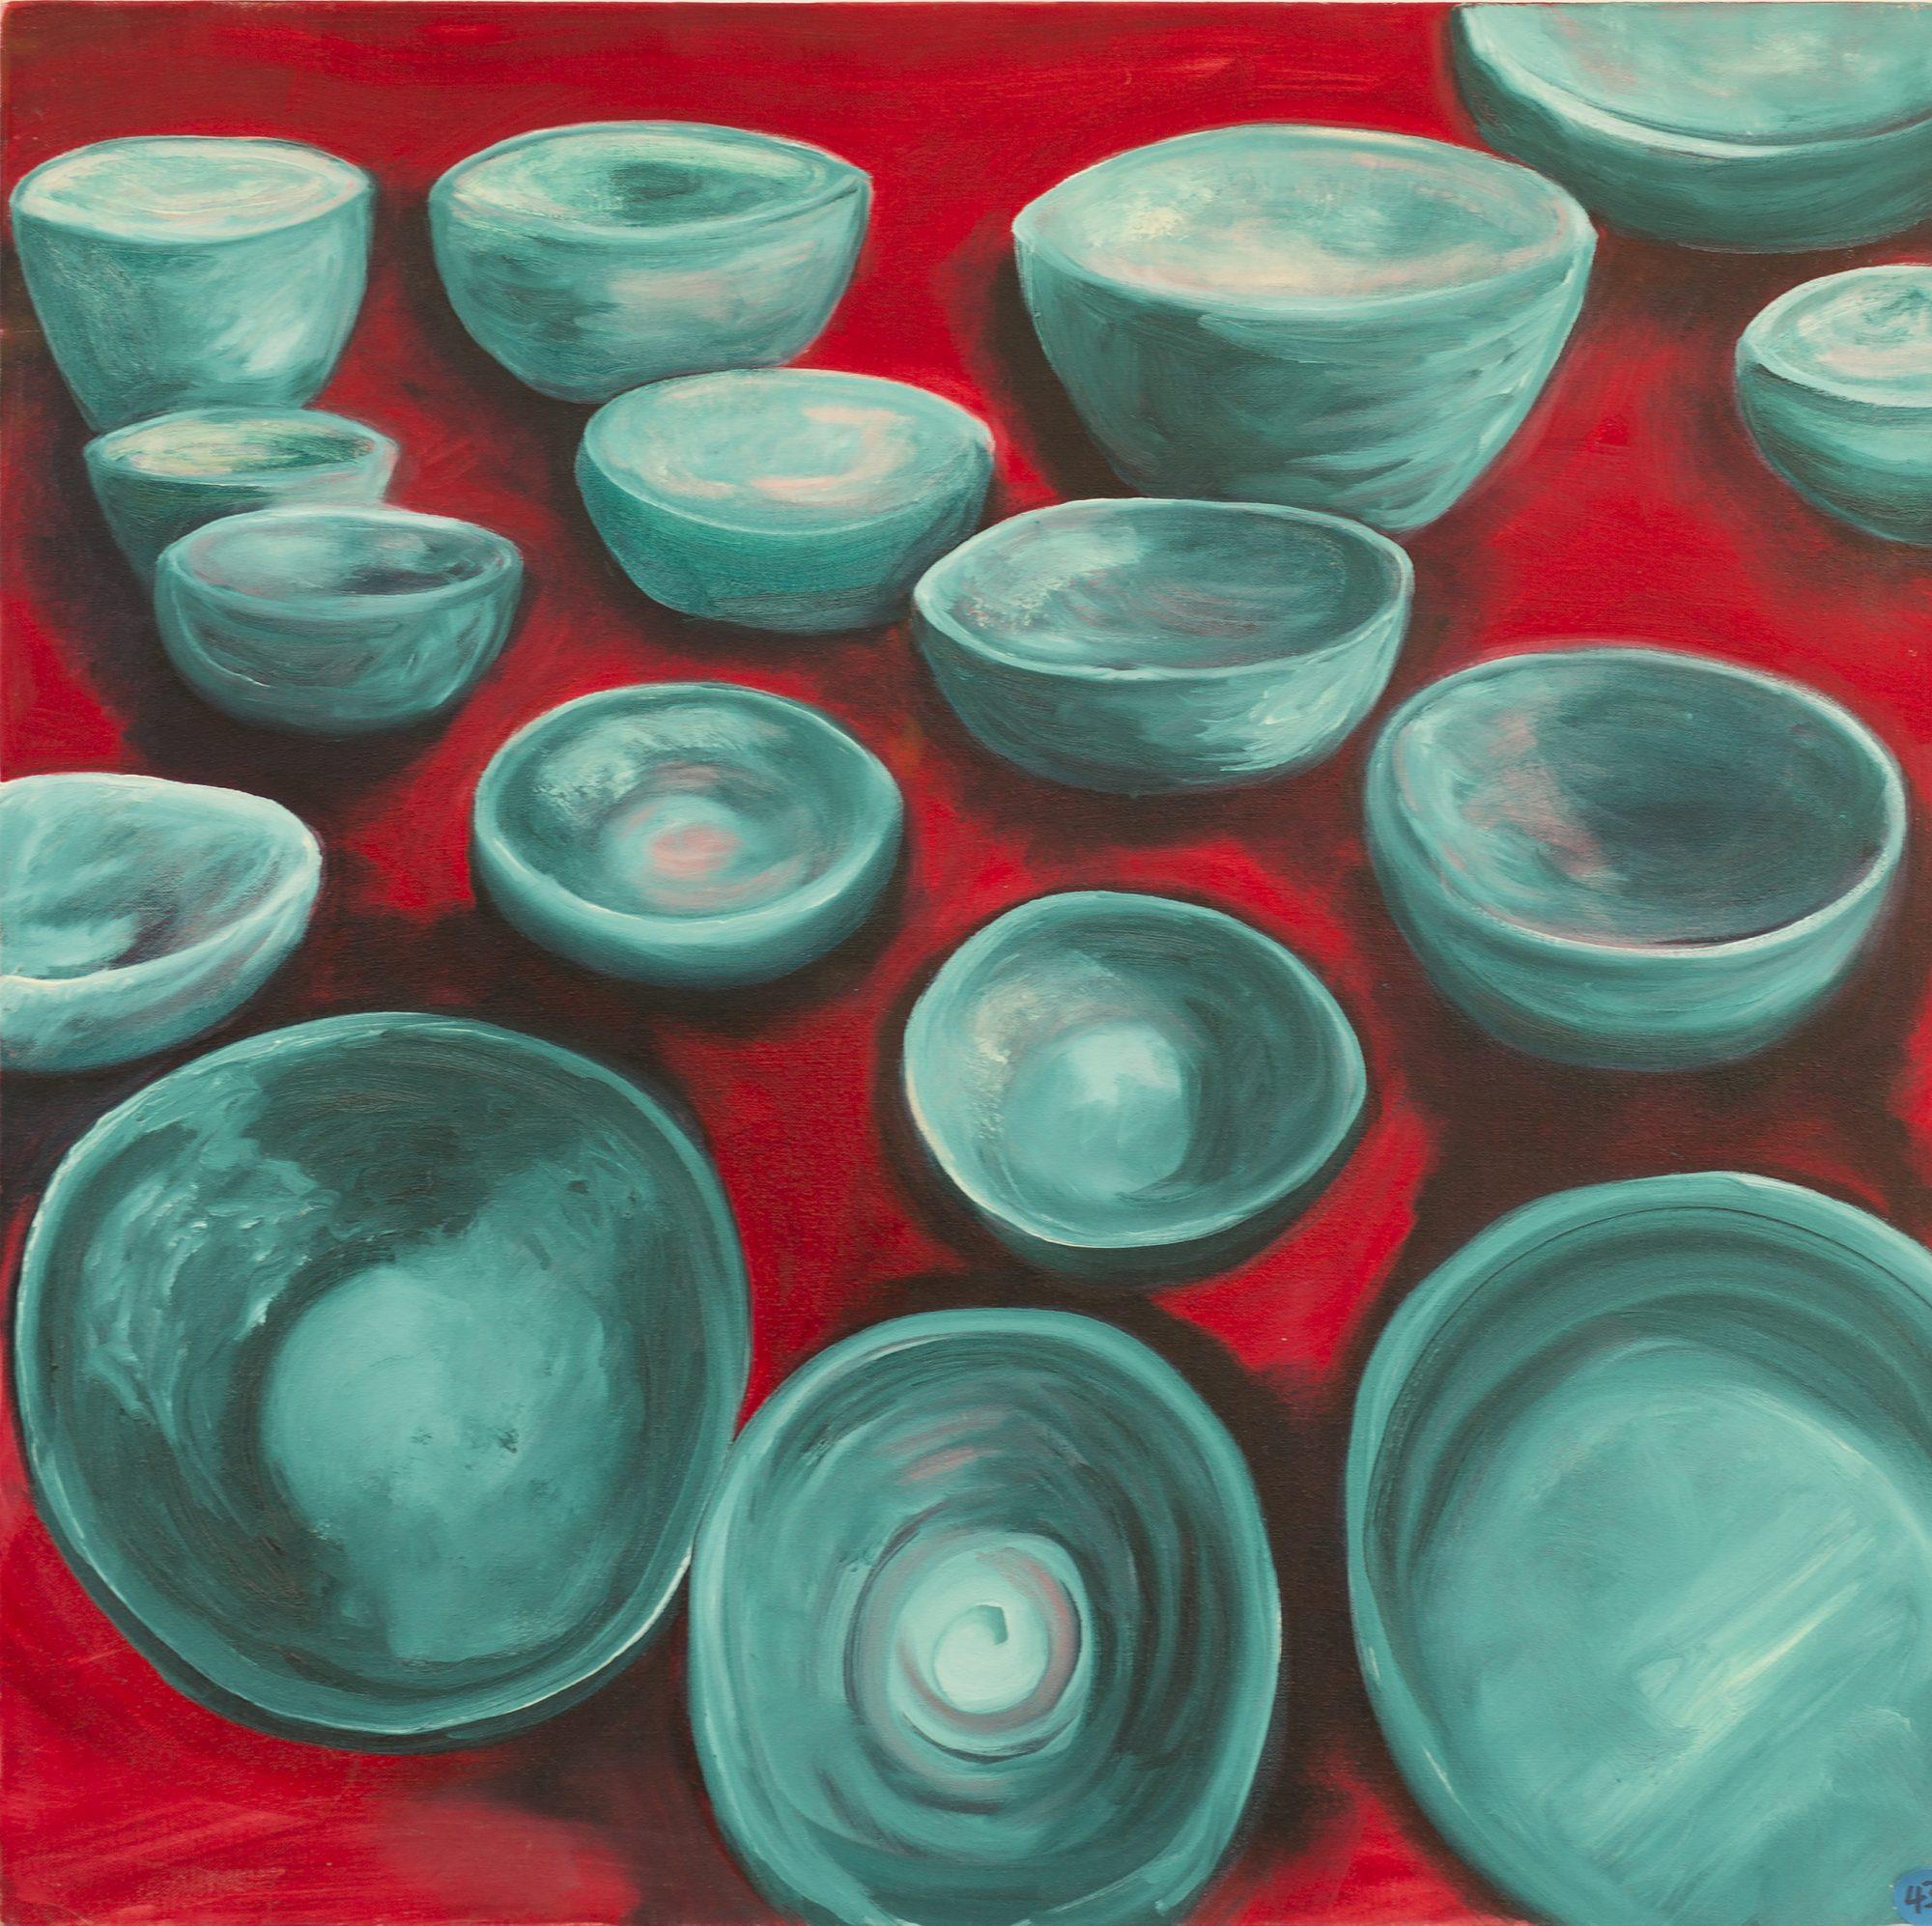 bowls-and-bowls